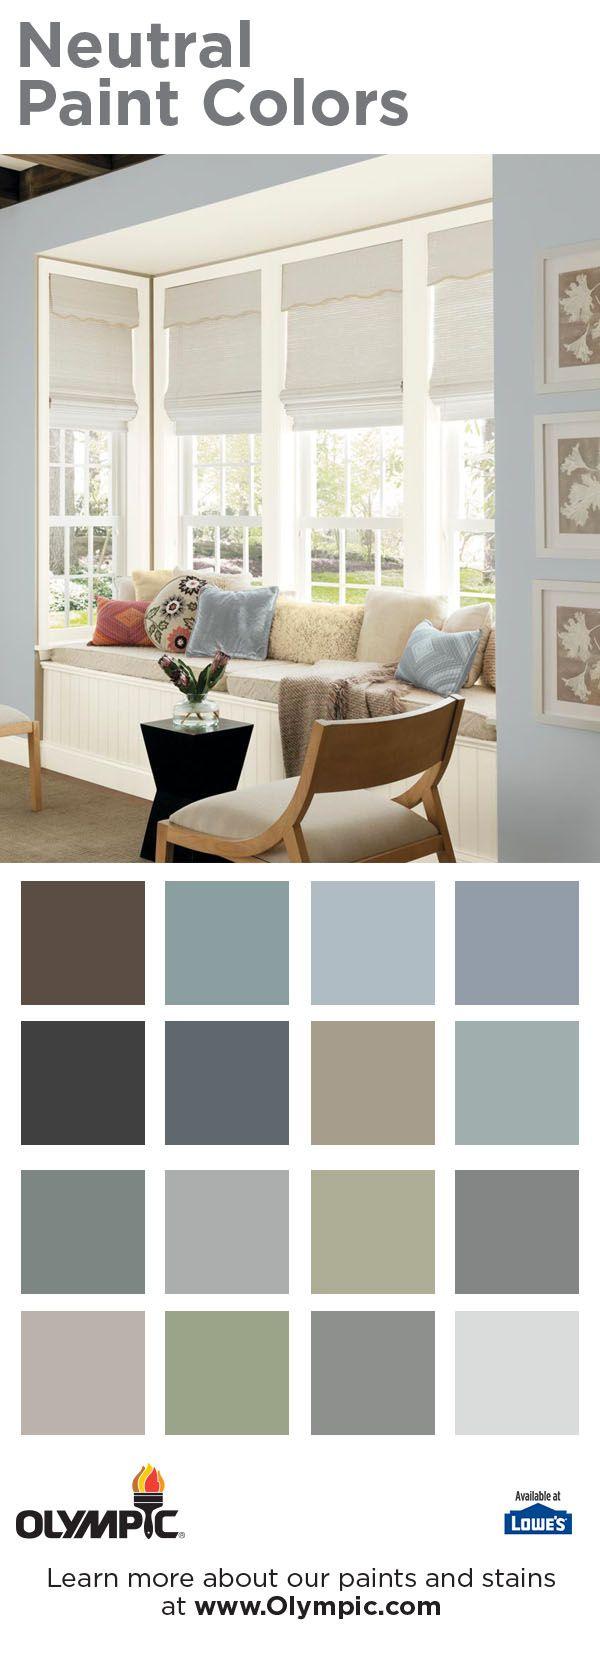 best 25 neutral paint colors ideas on pinterest neutral paint neutral colors and best. Black Bedroom Furniture Sets. Home Design Ideas